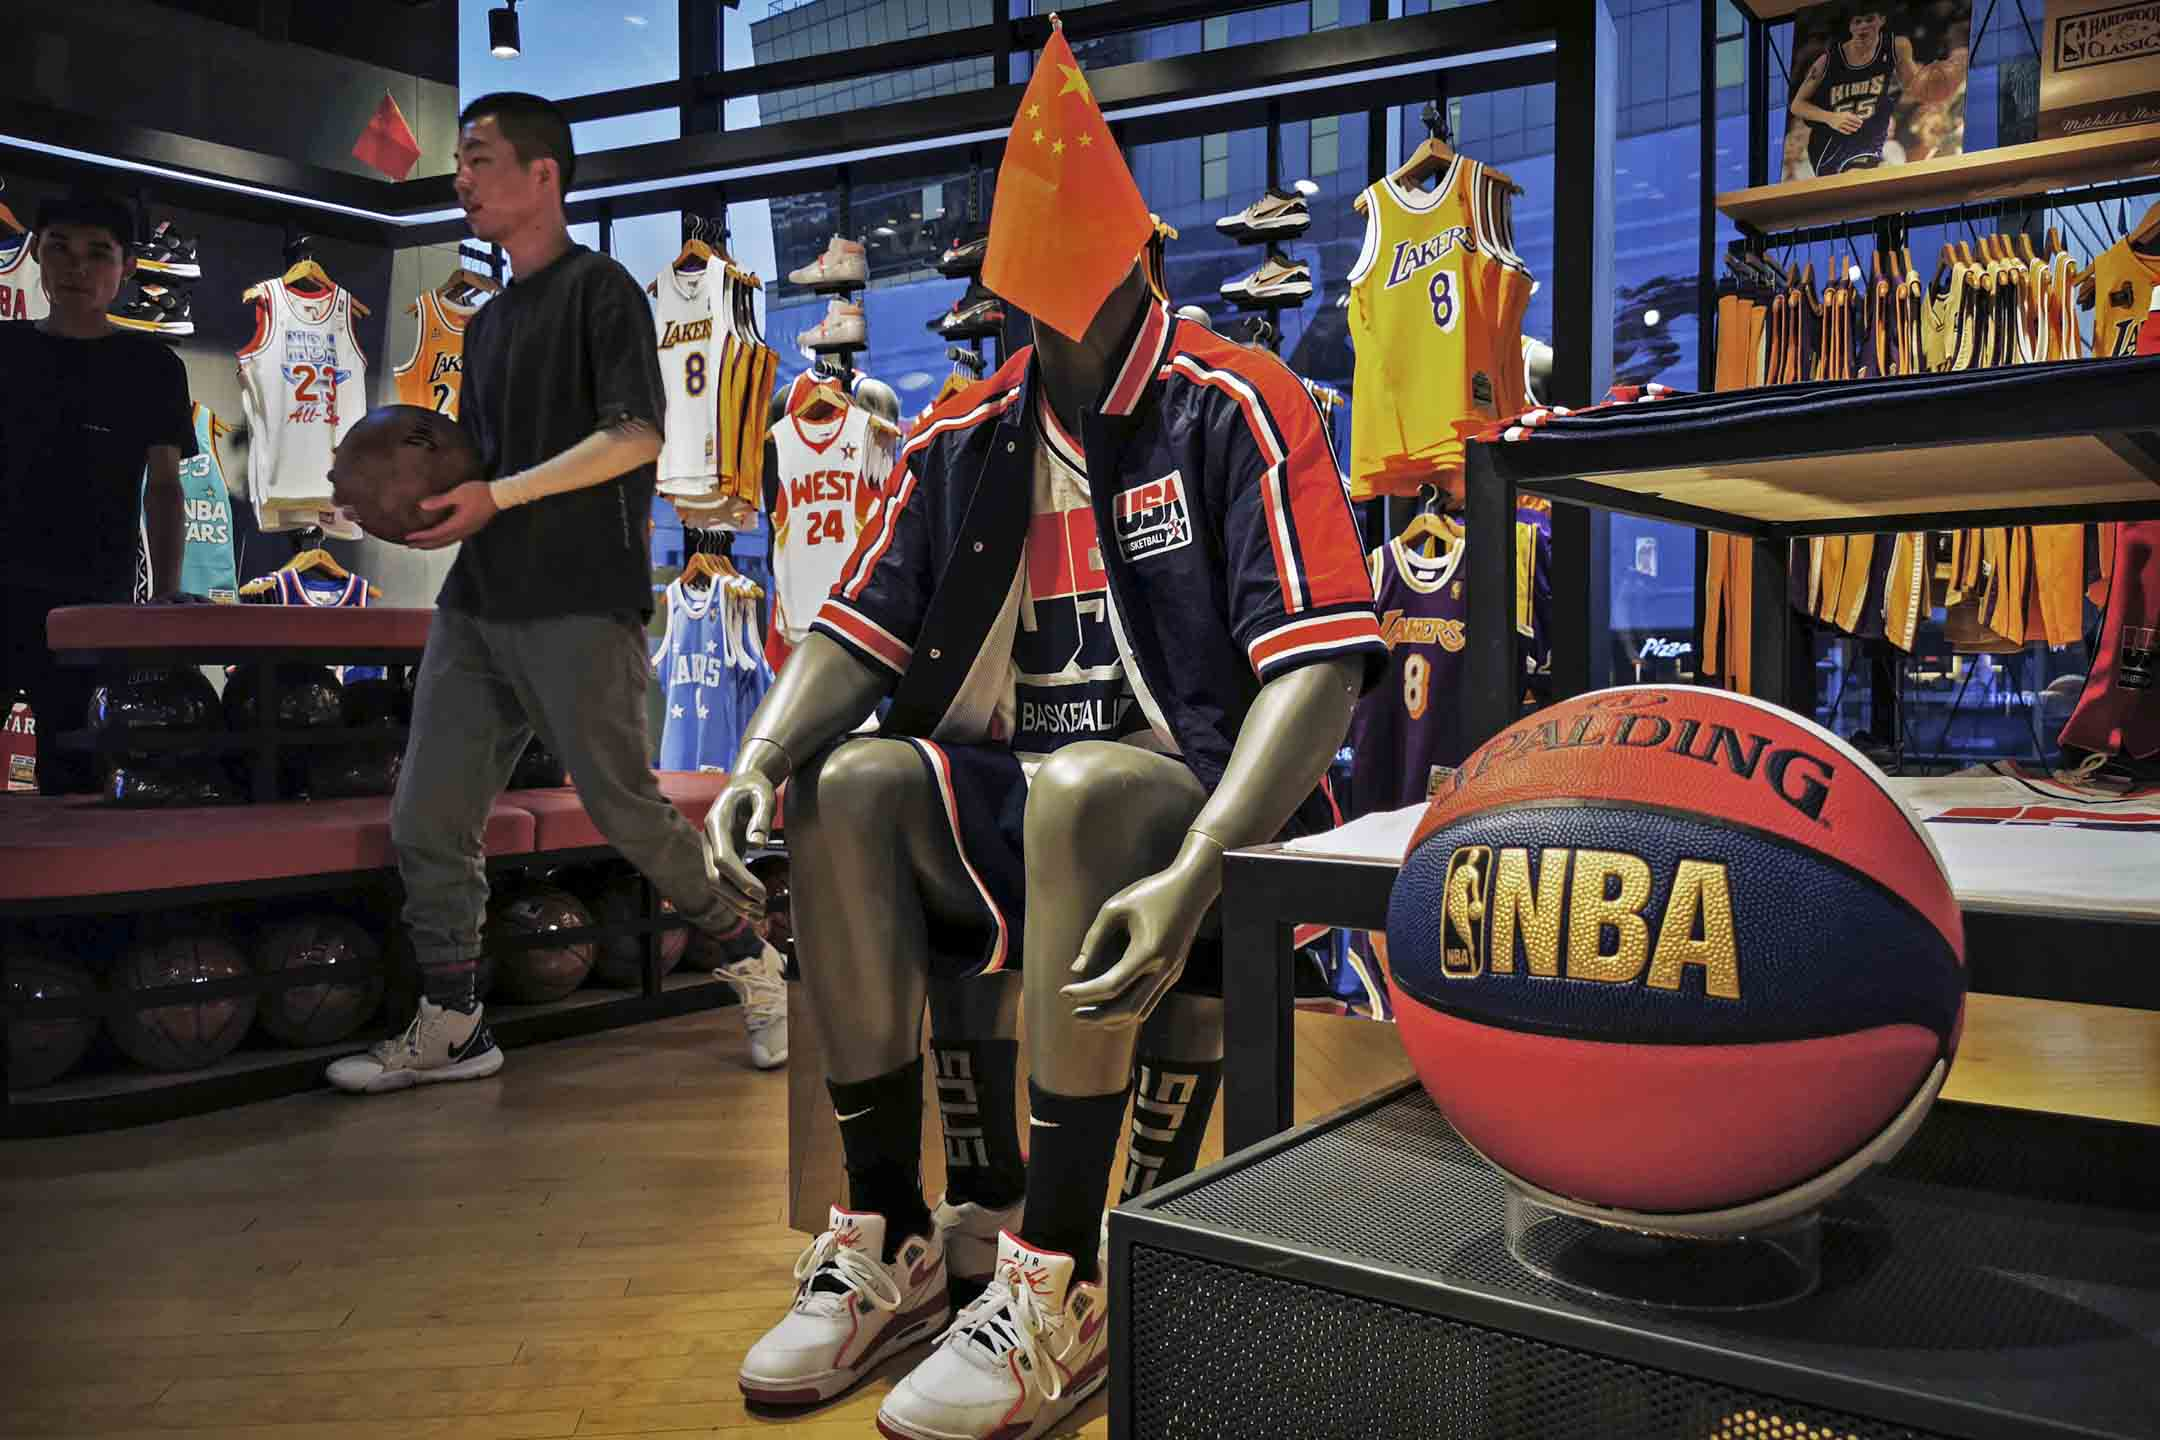 2019年10月9日,北京的NBA旗艦零售店中,中國國旗放在穿著NBA球衣的模特兒公仔上。